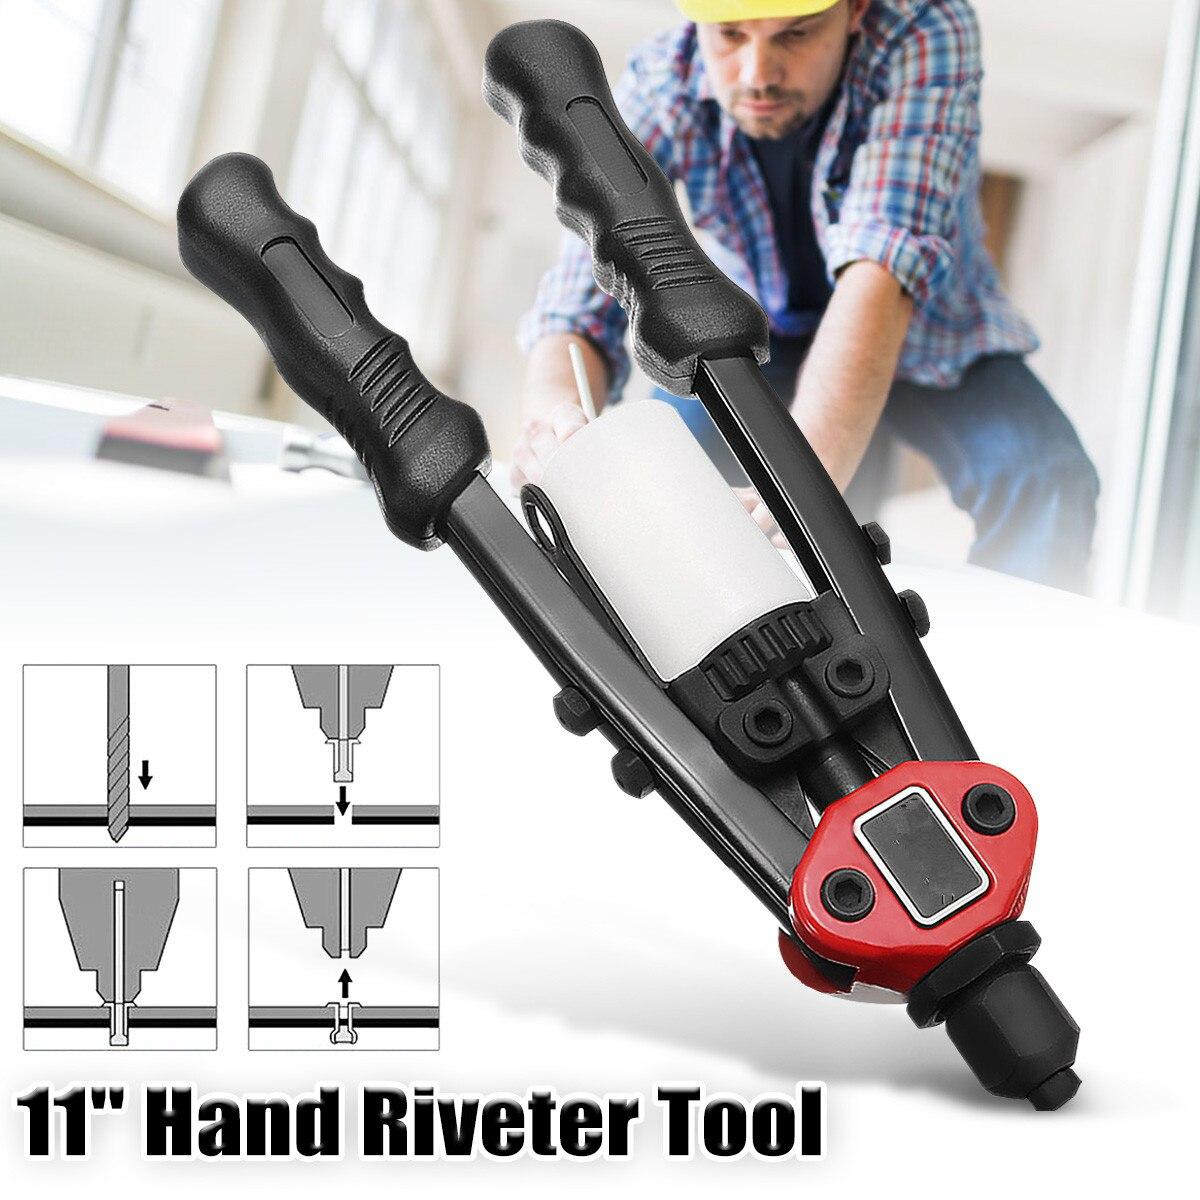 11 Inch 4 In 1 Riveter Guns Hand Riveting Kit Nuts Nail Guns Hand Riveter Tool Household Repair Tools Power Tool